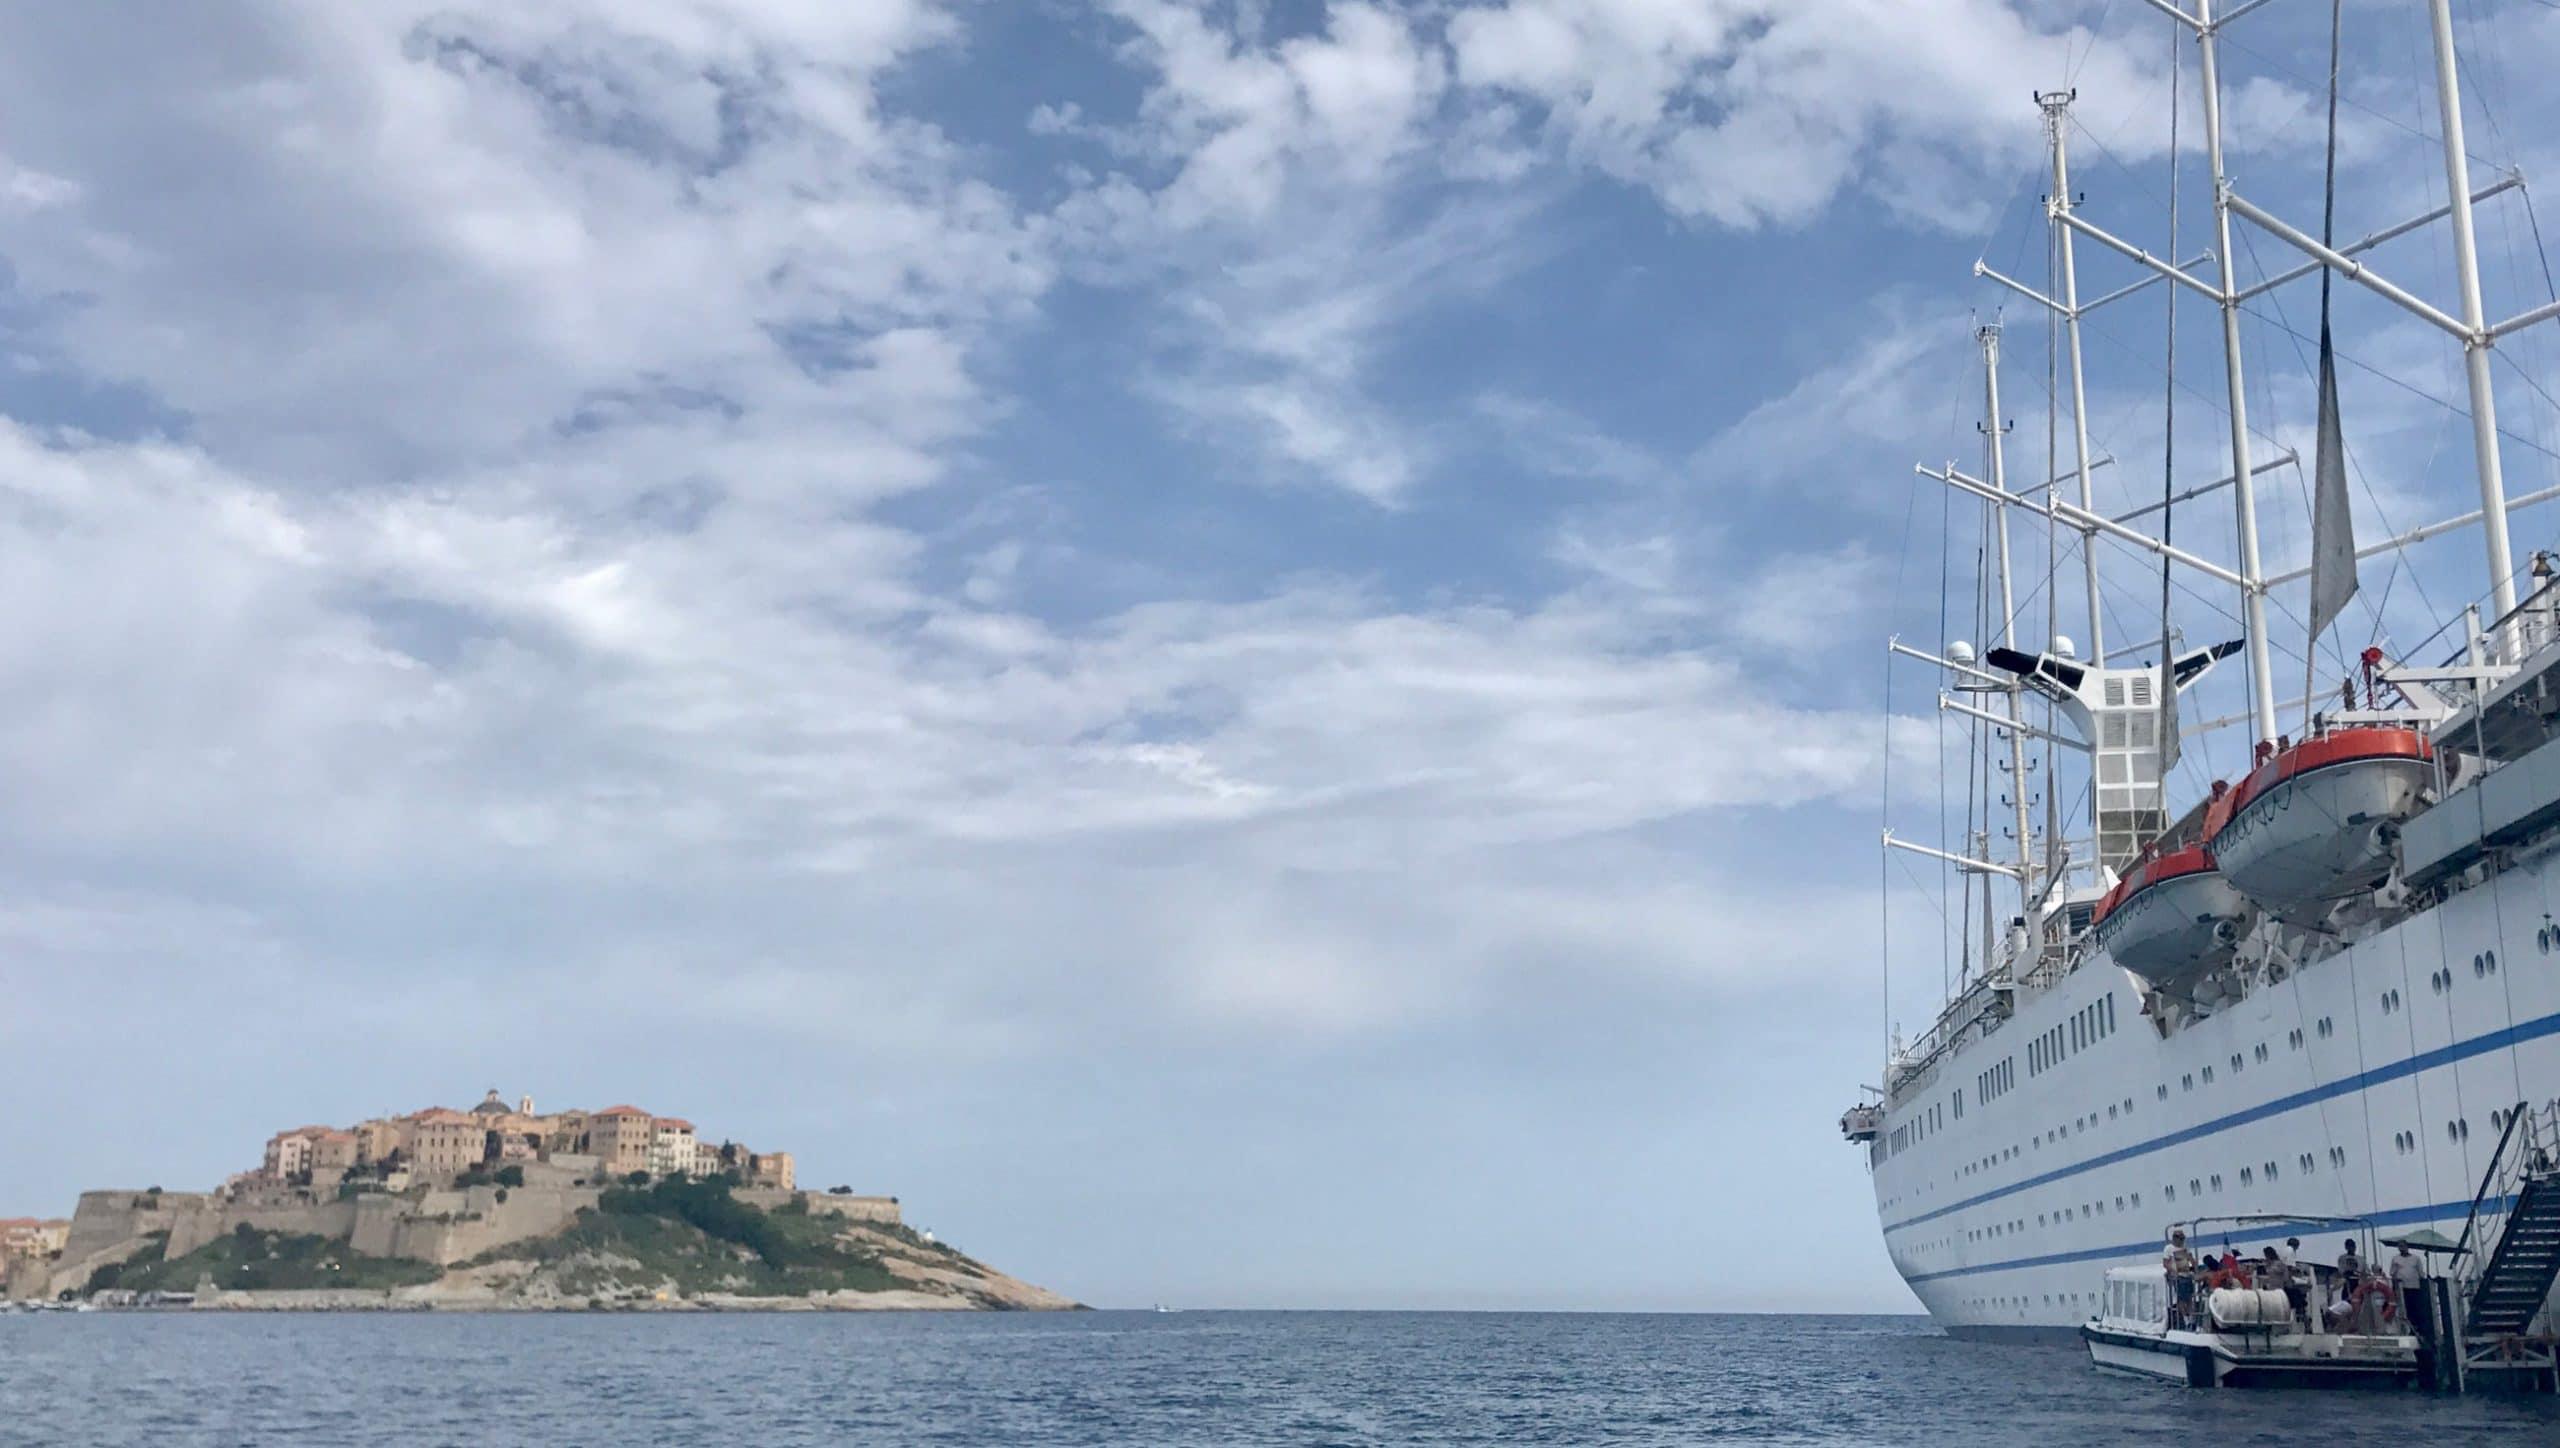 Größtes-Motorsegelschiffbei OceanEvent chartern